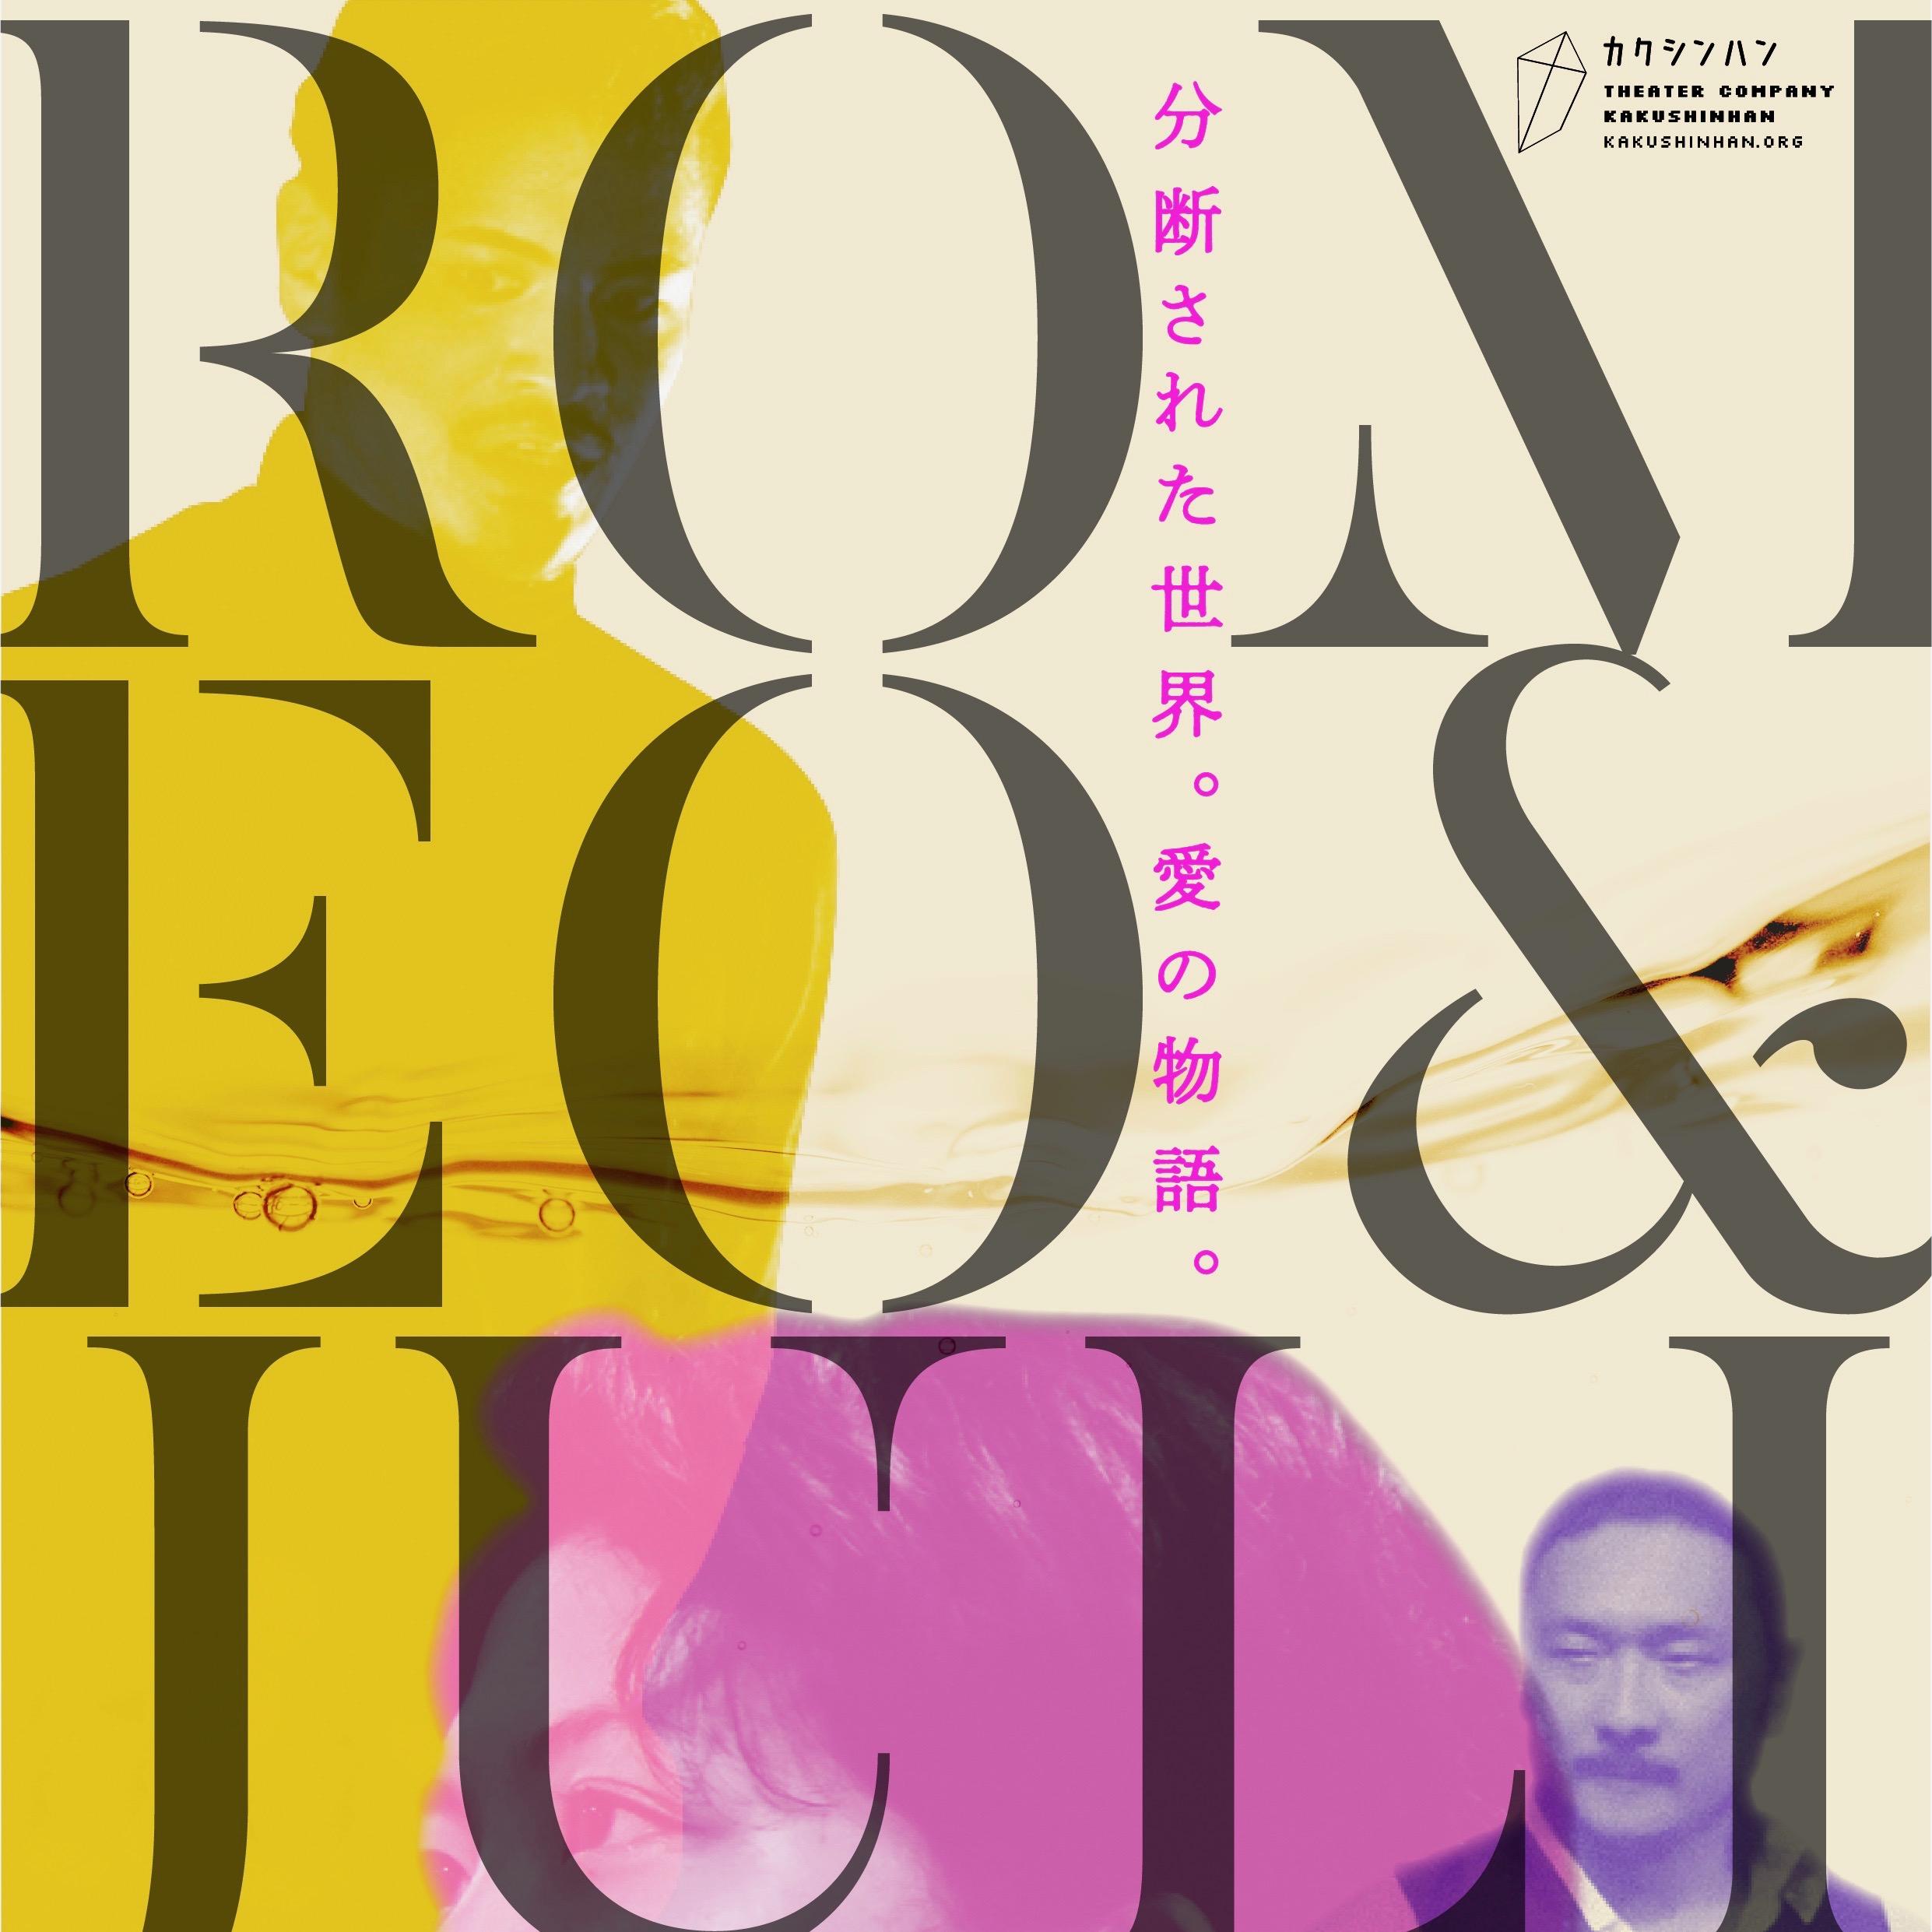 平本正宏が音楽を担当した、カクシンハン・スタジオ+オペラ歌手 大山大輔、演出家 木村龍之介による「ロミオとジュリエット」が11/28無料生配信されます。